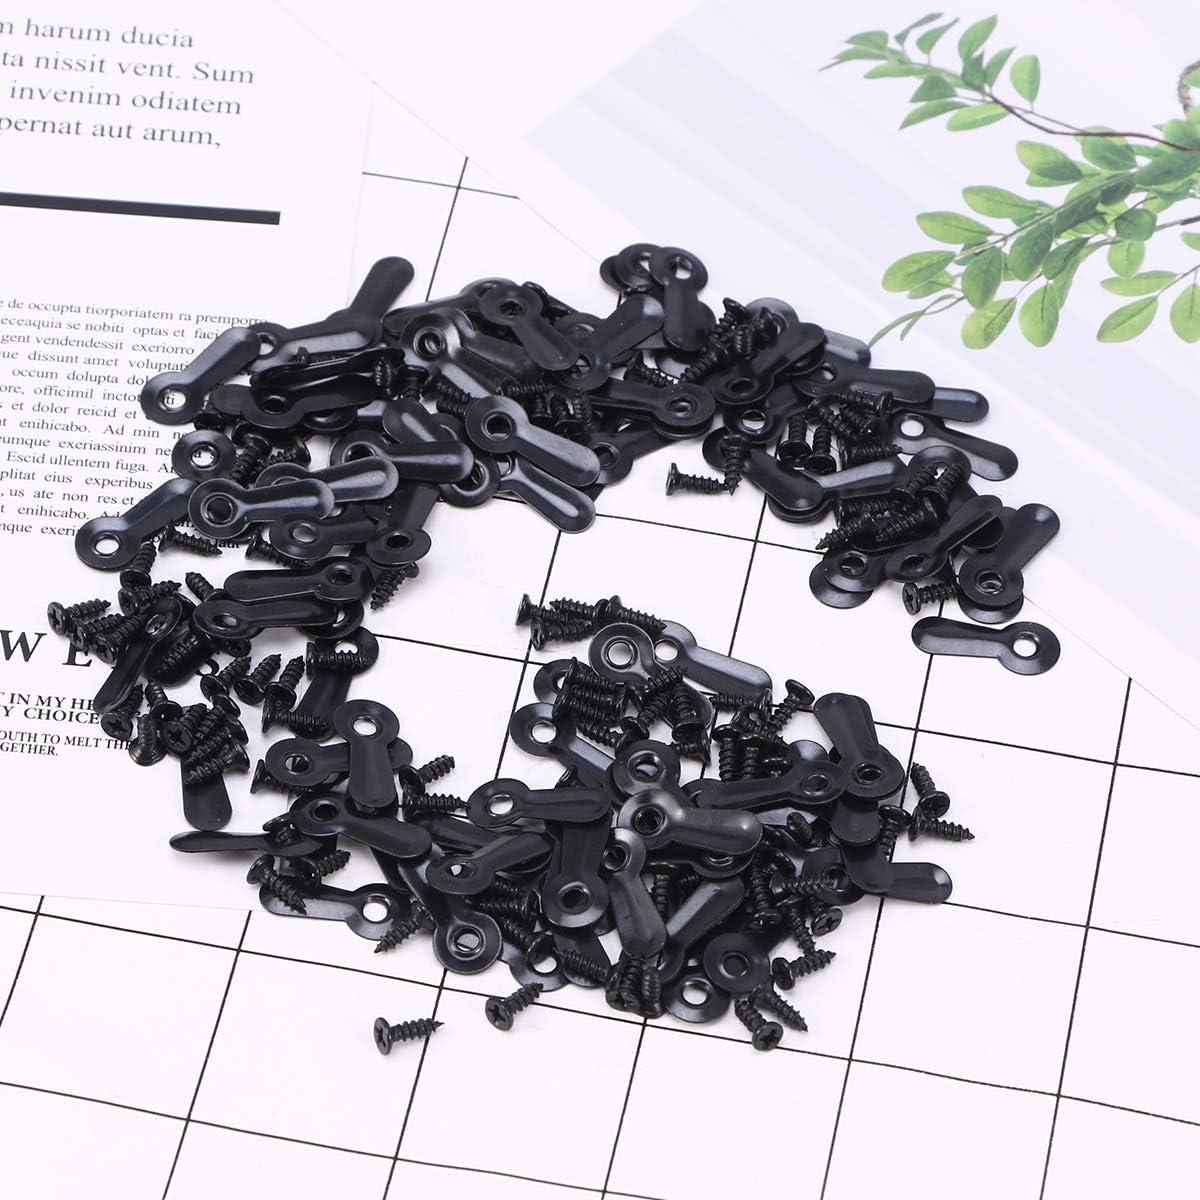 Schwarz Yardwe 100 ST/ÜCKE Bild H/ängen Kit Bild Kleiderb/ügel Haken N/ägel Schrauben und Hardware Rahmen Kleiderb/ügel Hardware f/ür Rahmen